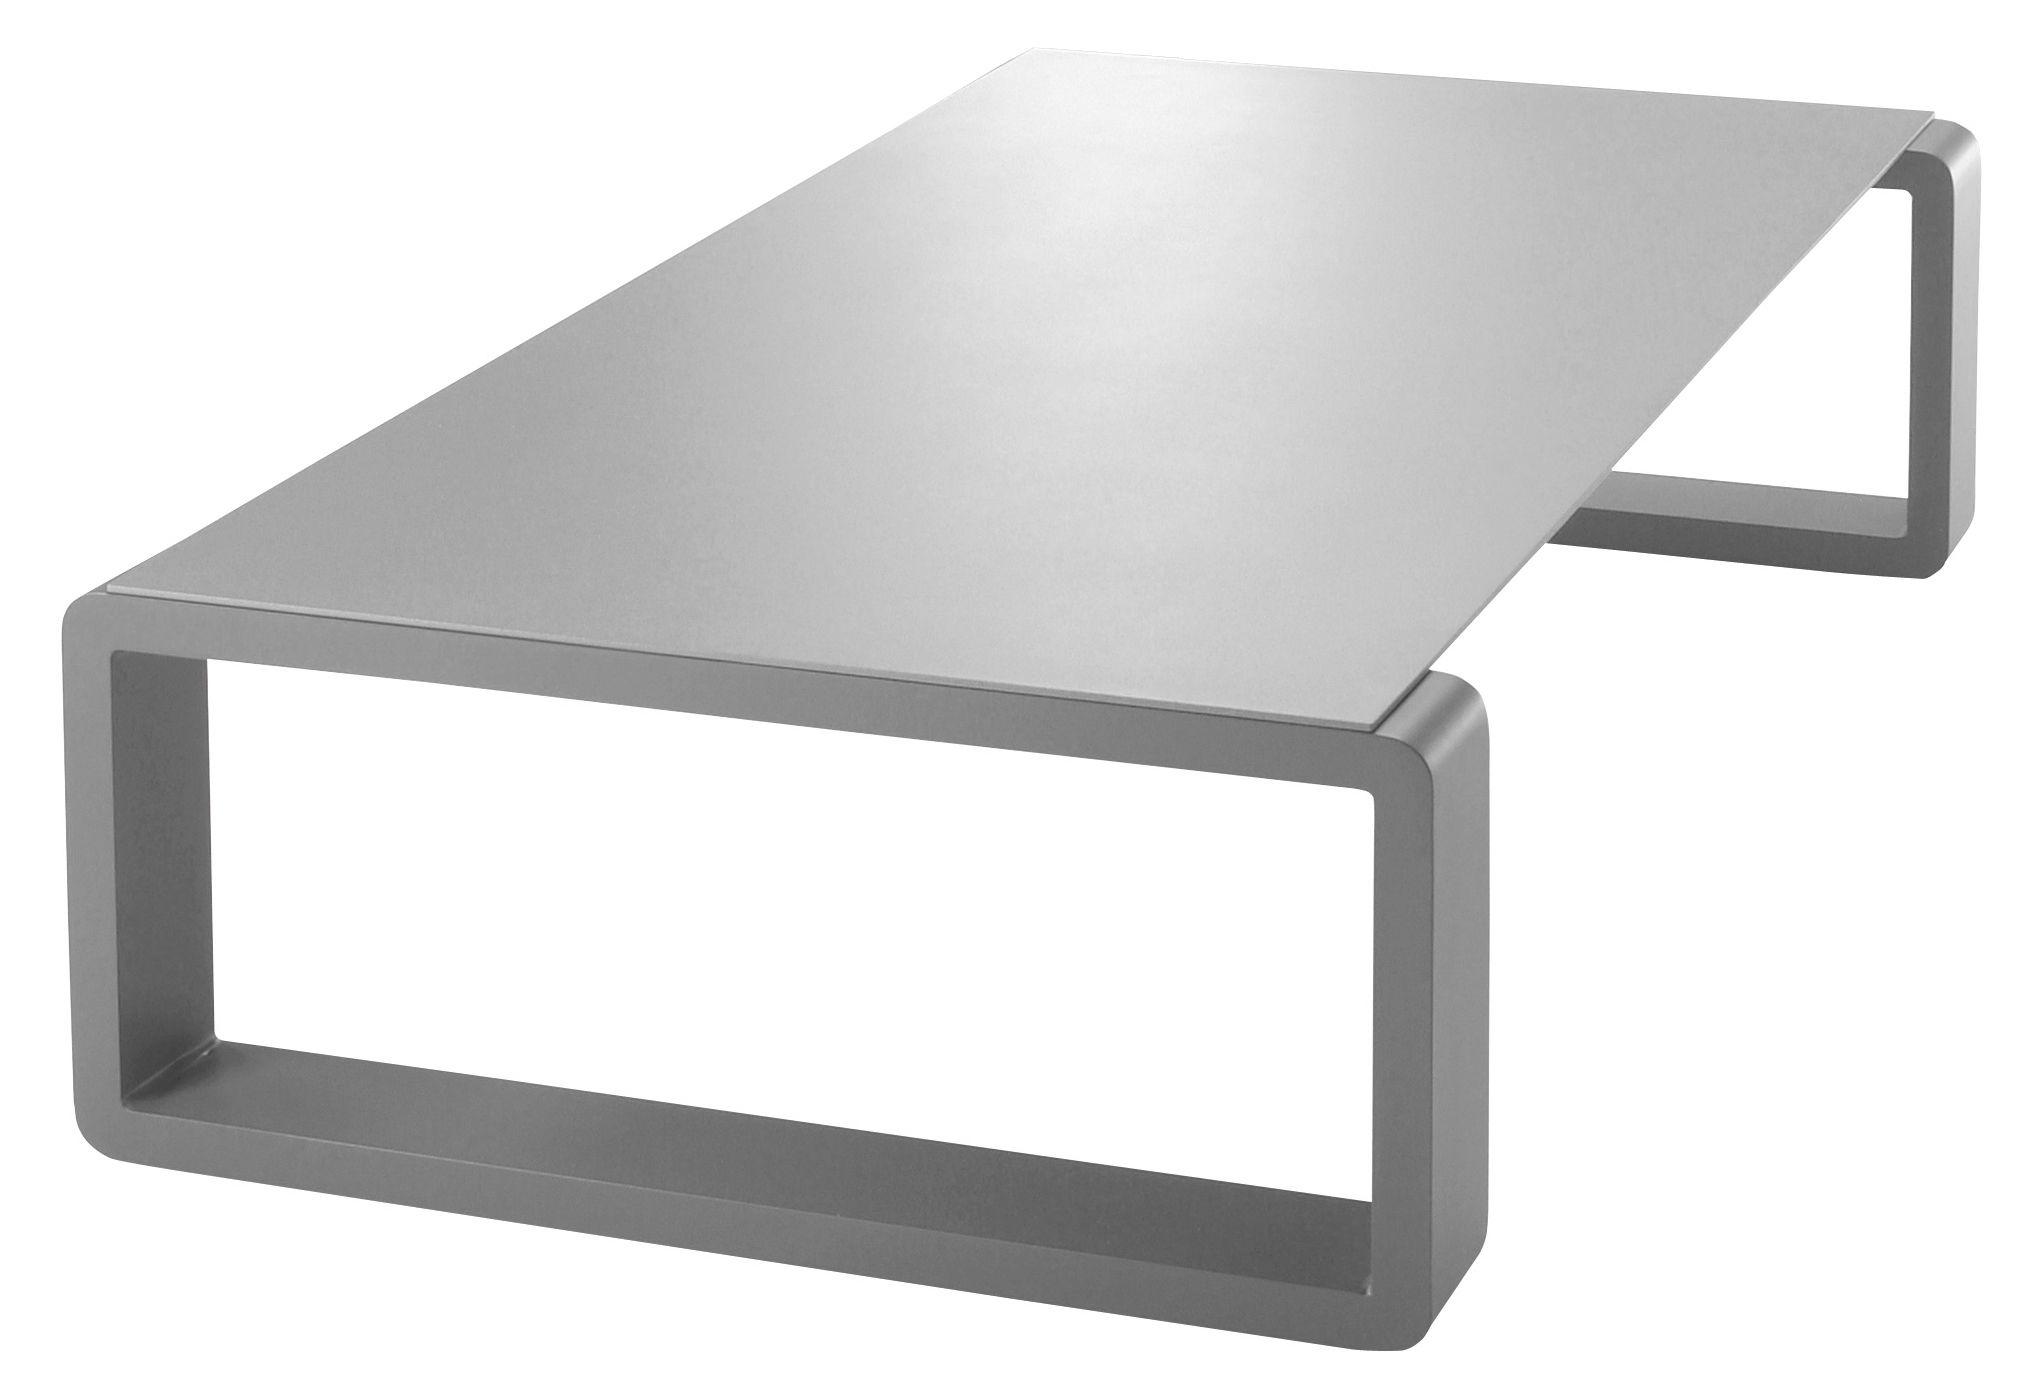 Möbel - Couchtische - Kama Couchtisch - EGO Paris - Tischplatte silberfarben / Gestell silberfarben - lackiertes Aluminium